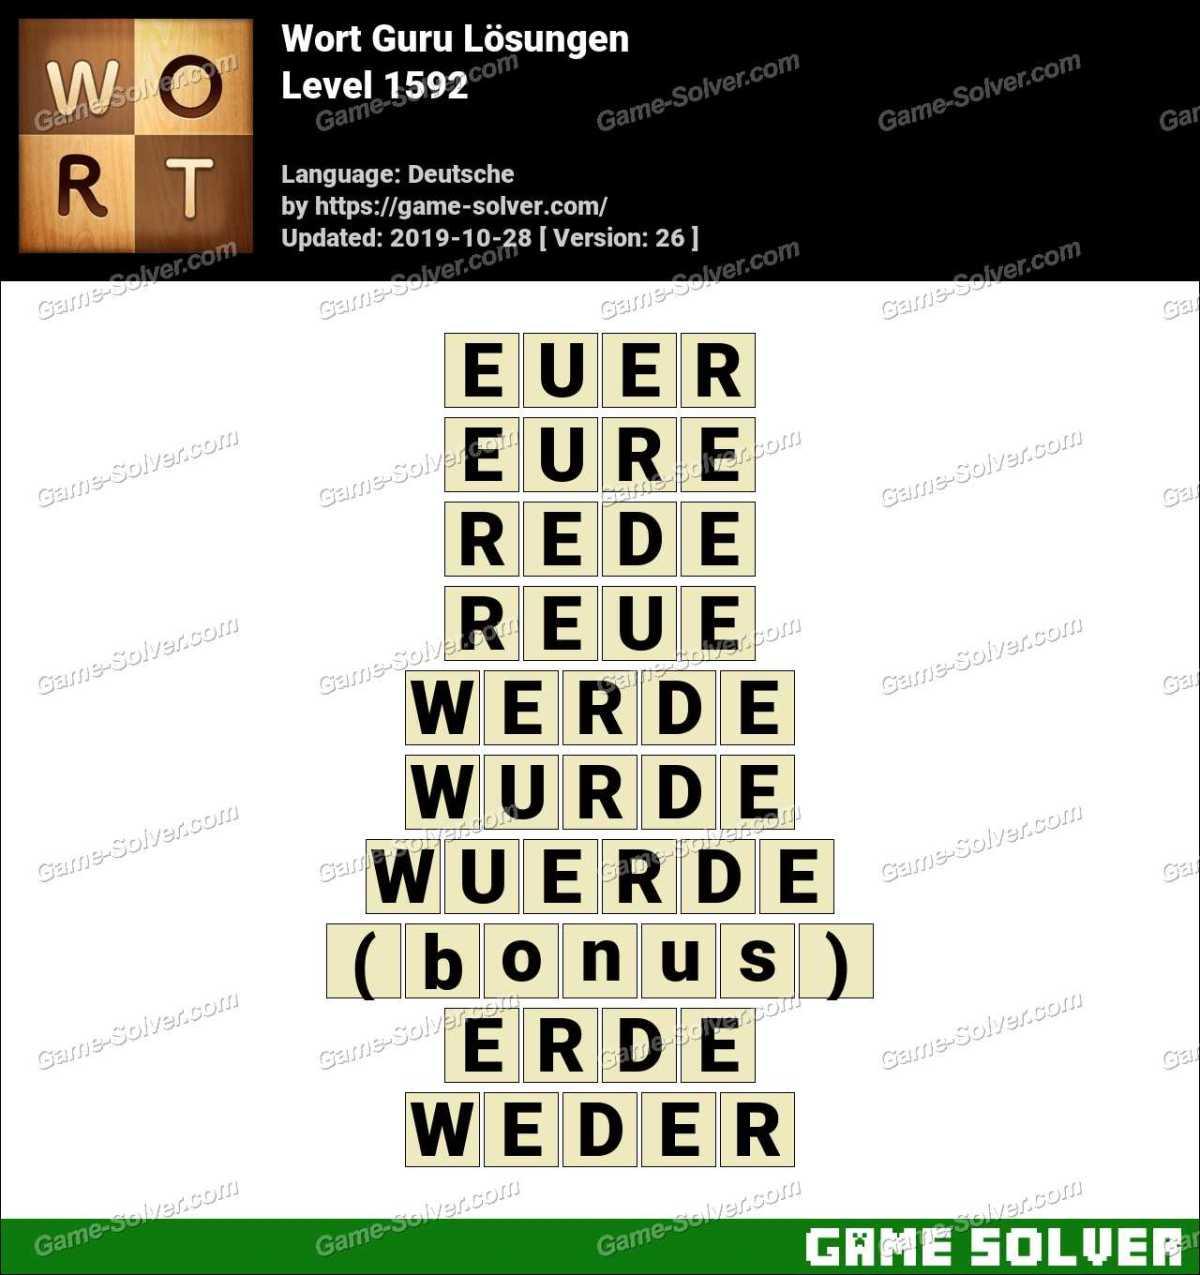 Wort Guru Level 1592 Lösungen